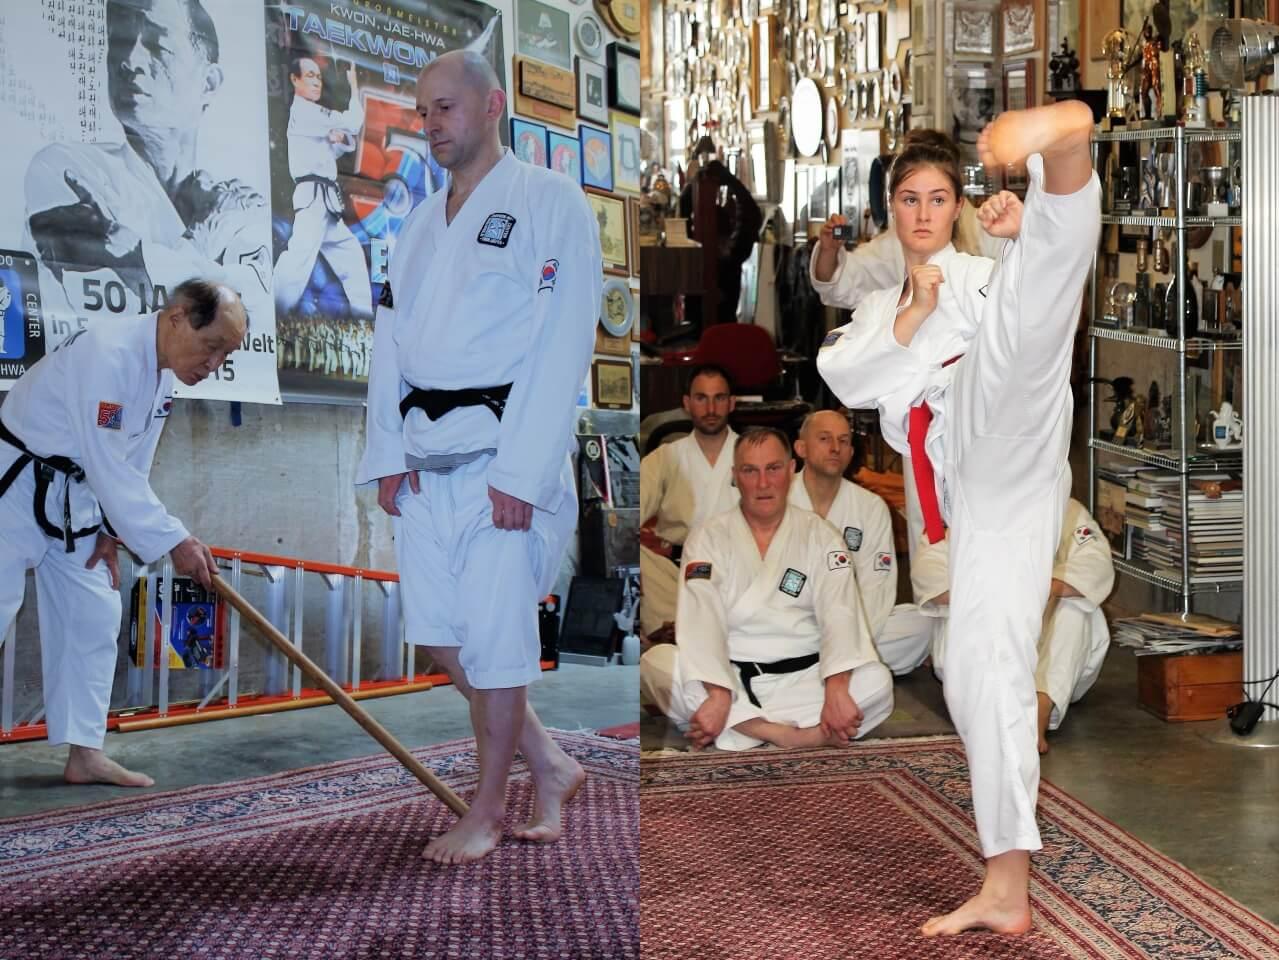 Trainingswoche bei Kwon, Jae-Hwa in Portland 2018 ...  Trainingswoche ...